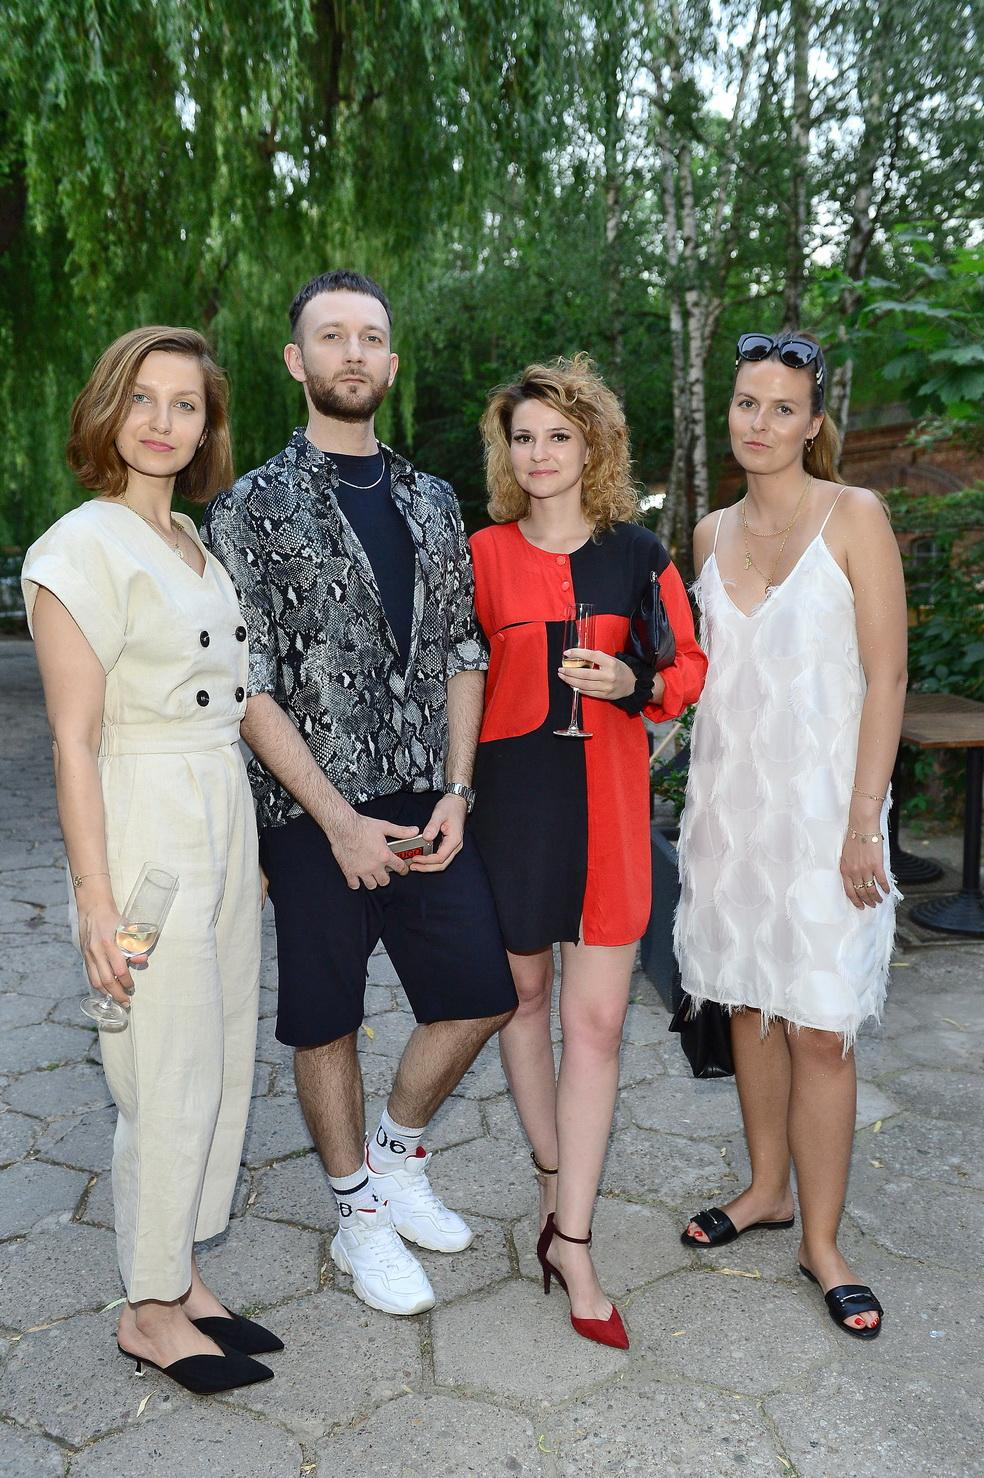 Karolina Tomaszewicz (Twój Styl), Marcin Brylski, Joanna Mroczkowska (Cosmopolitan), Karolina Limbach (Elle)